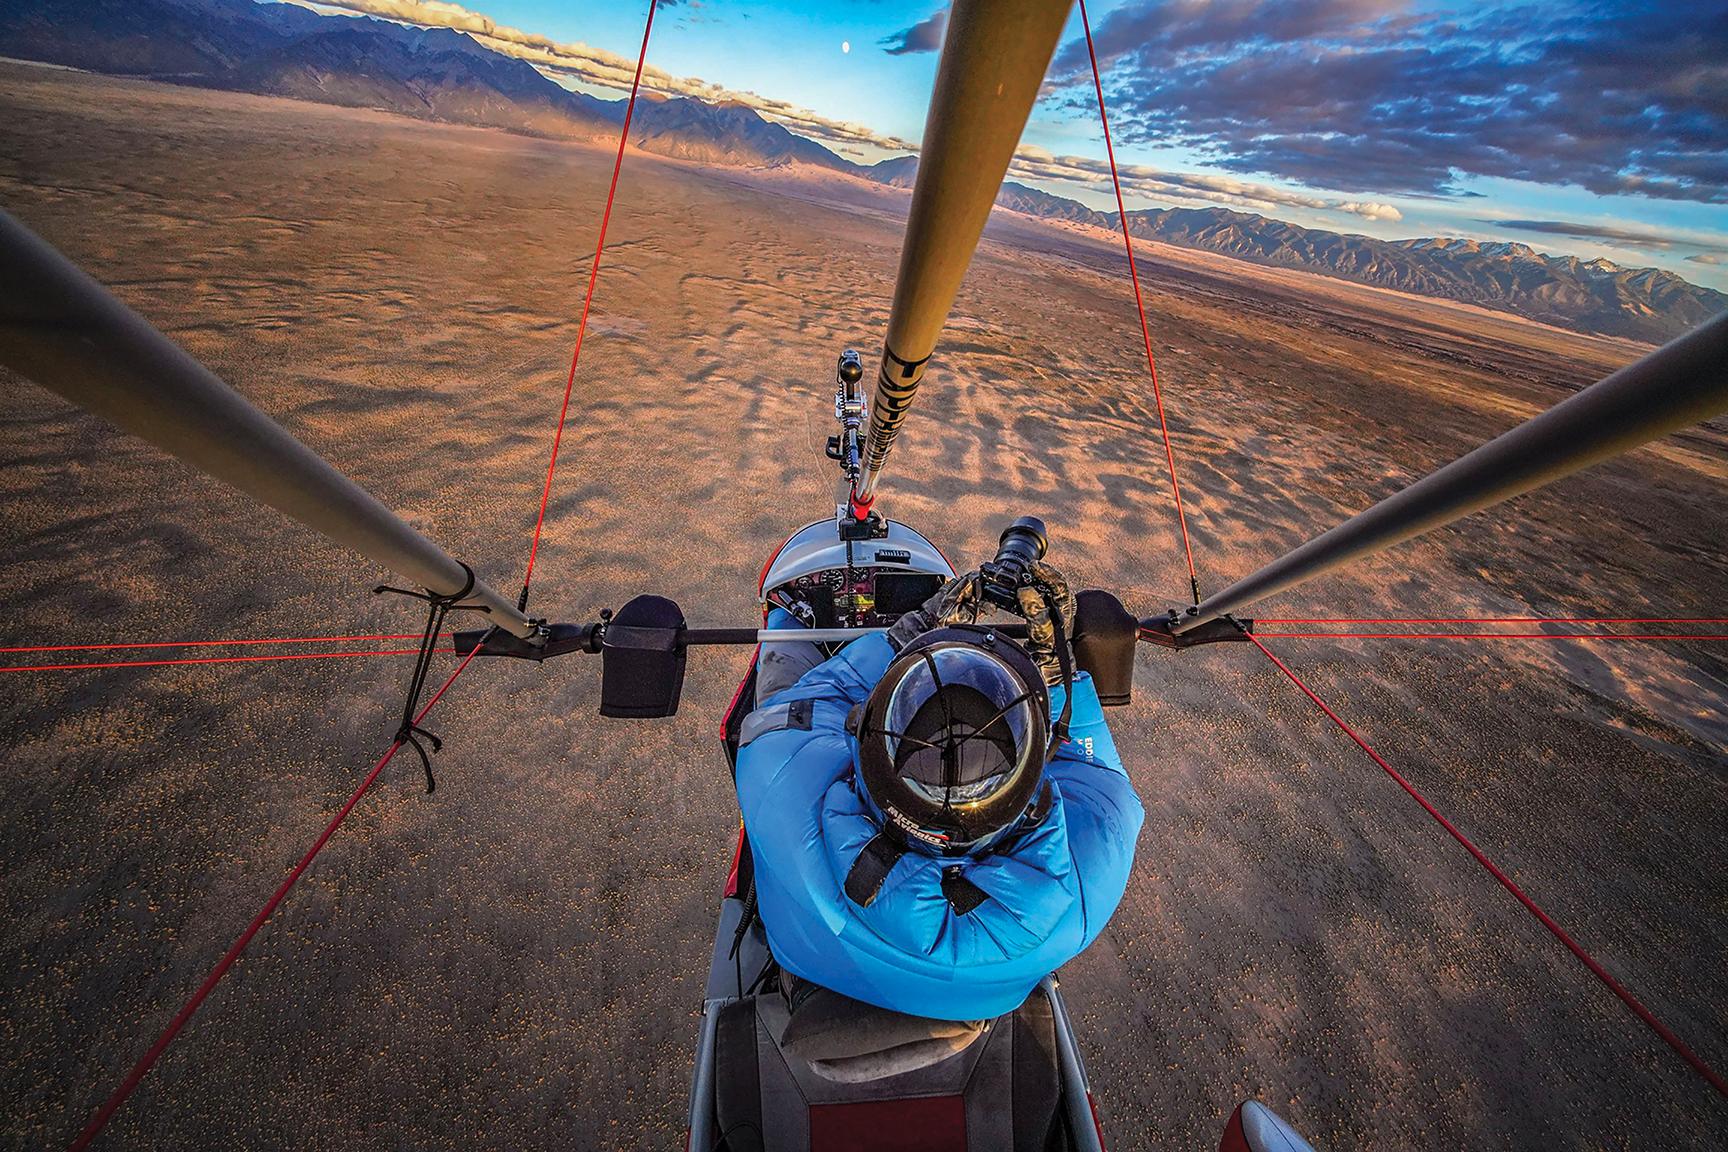 Dahl-Bredine high above Colorado's San Luis Valley. Photo by Renan Ozturk